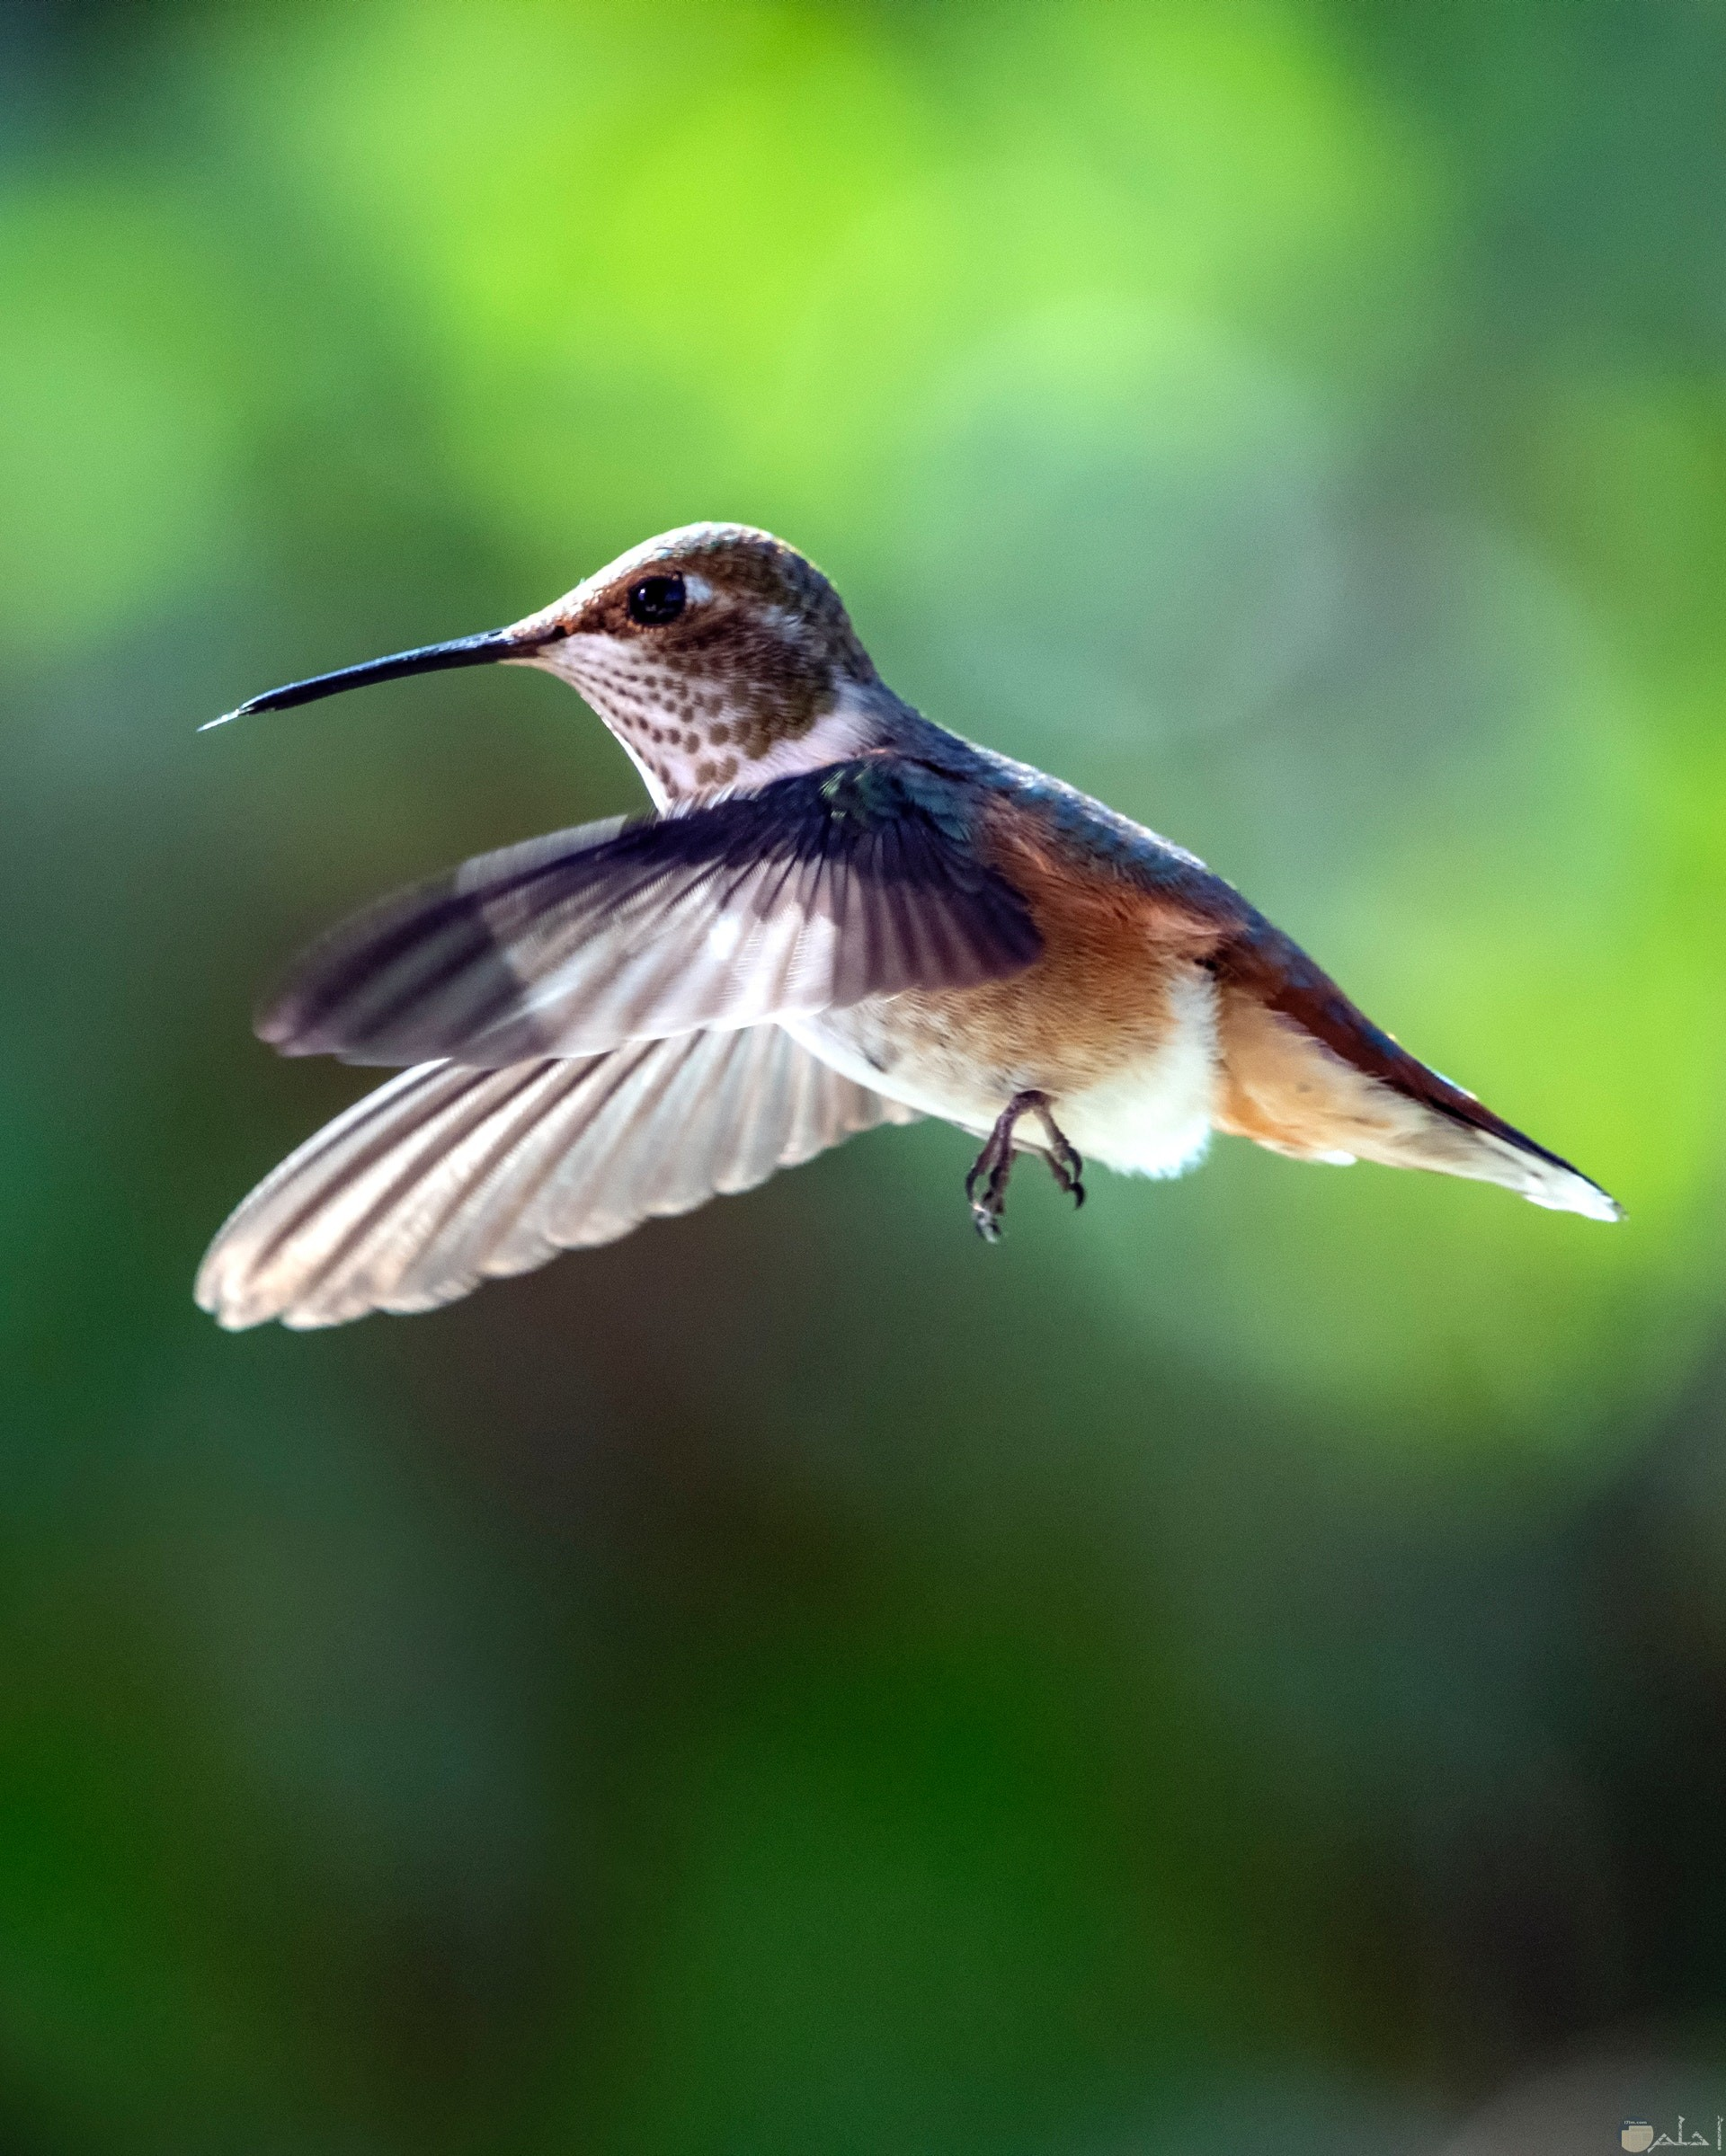 صورة حلوة جدا لطائر الطنان وهو يطير في الهواء